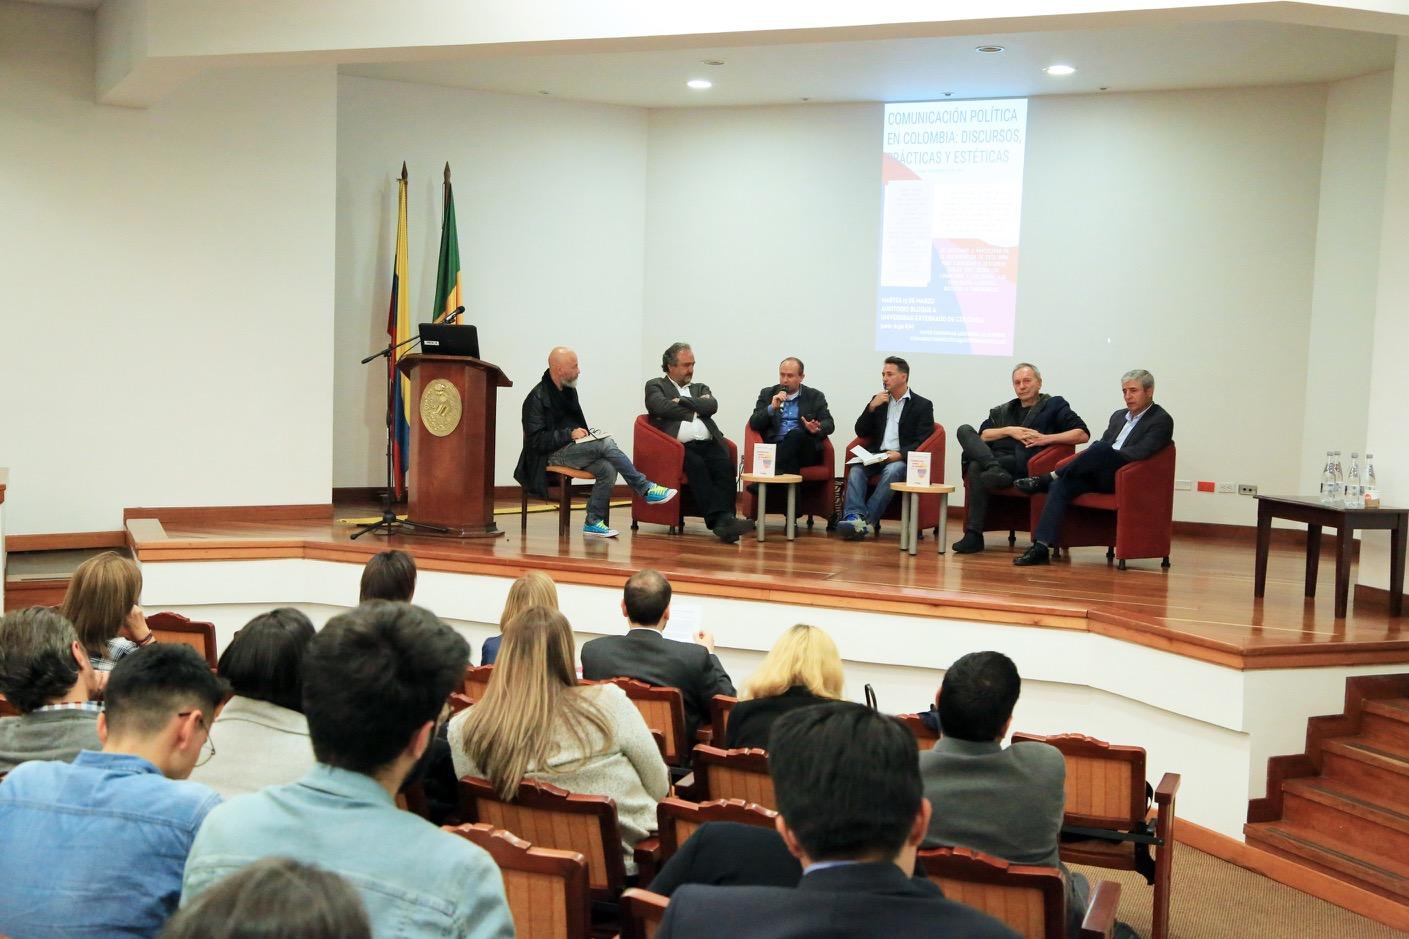 Durante el encuentro, organizado por la Facultad de Finanzas, Gobierno y Relaciones Internacionales, expertos hablaron sobre el impacto de nuevas realidades tecnológicas.